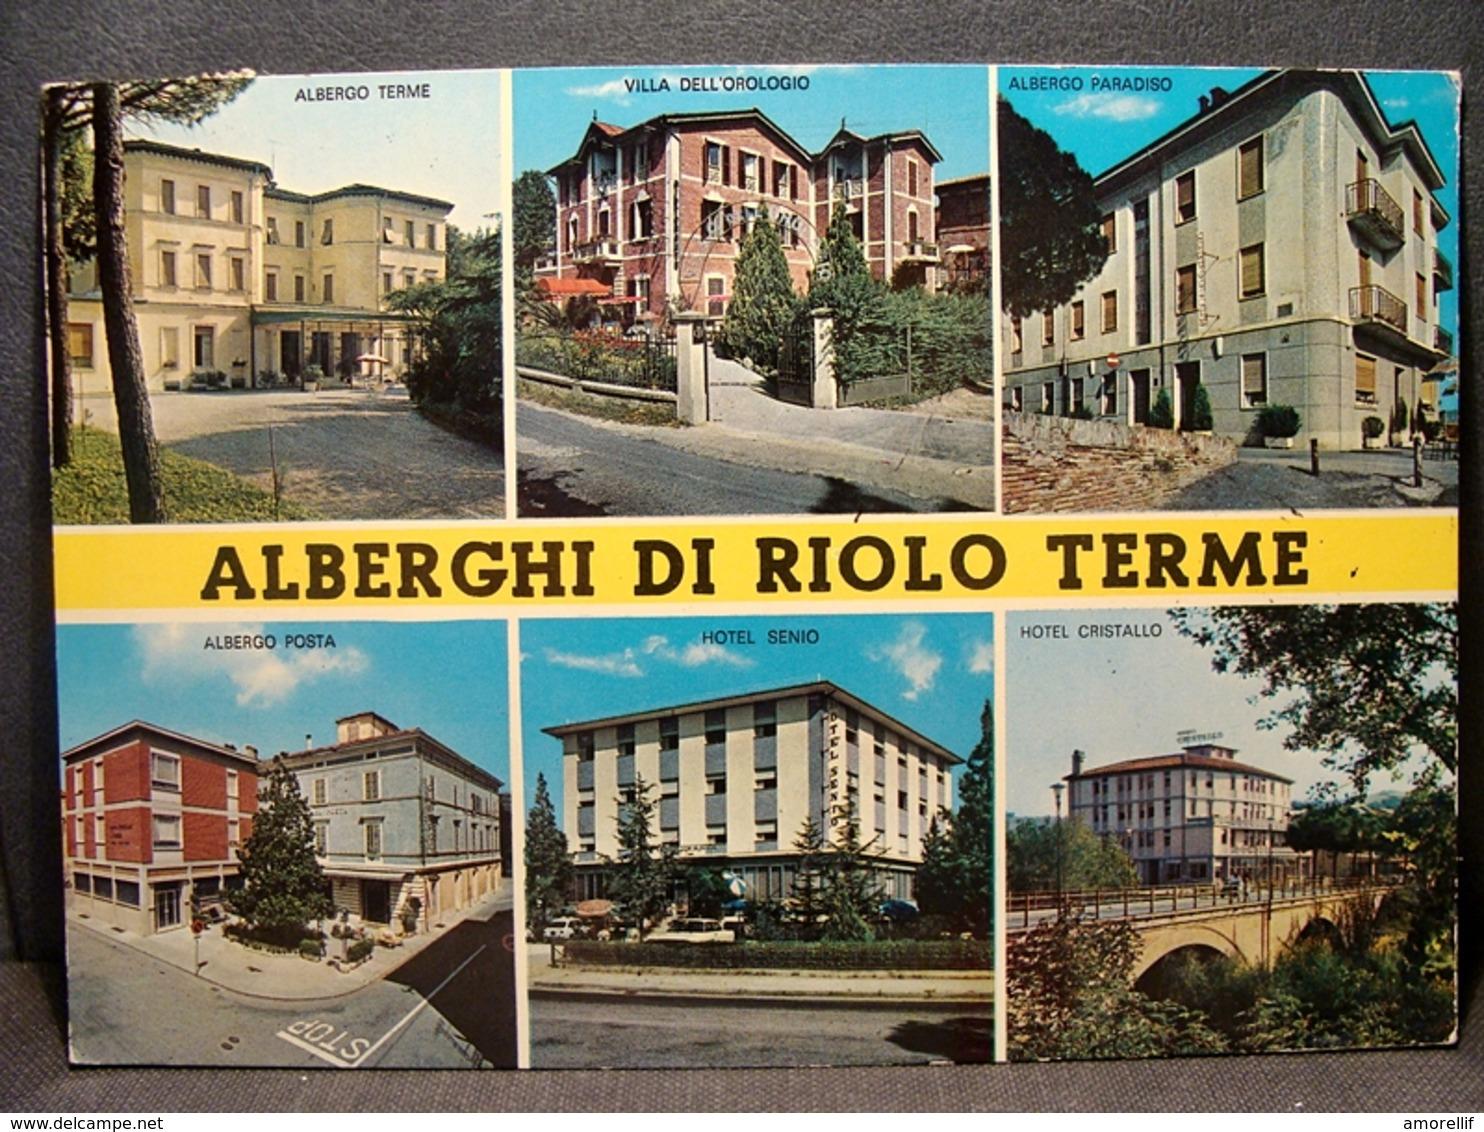 (FG.B26) ALBERGHI DI RIOLO TERME - VEDUTE (POSTA, SENIO, CRISTALLO, PARADISO, VILLA DELL'OROLOGIO) HOTEL ALBERGO - Ravenna